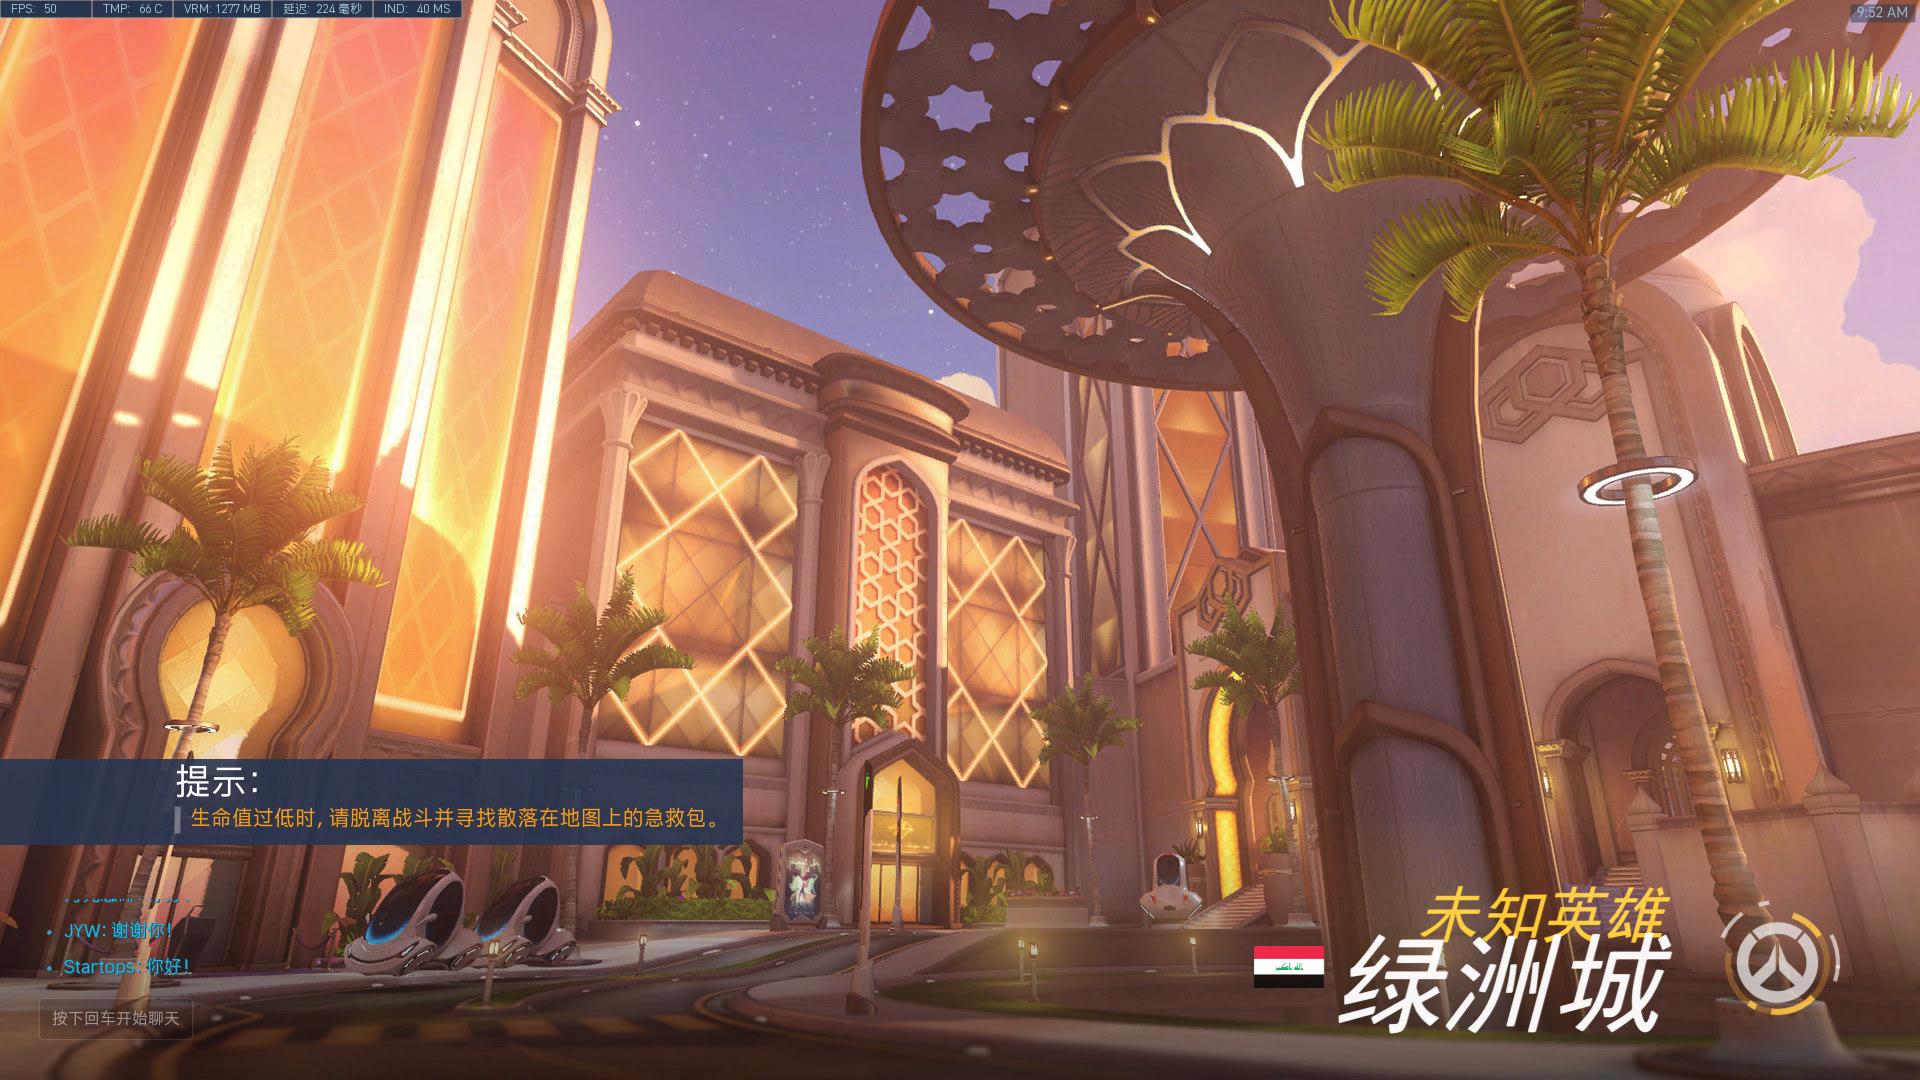 ScreenShot_19-09-11_09-52-35-000.jpg